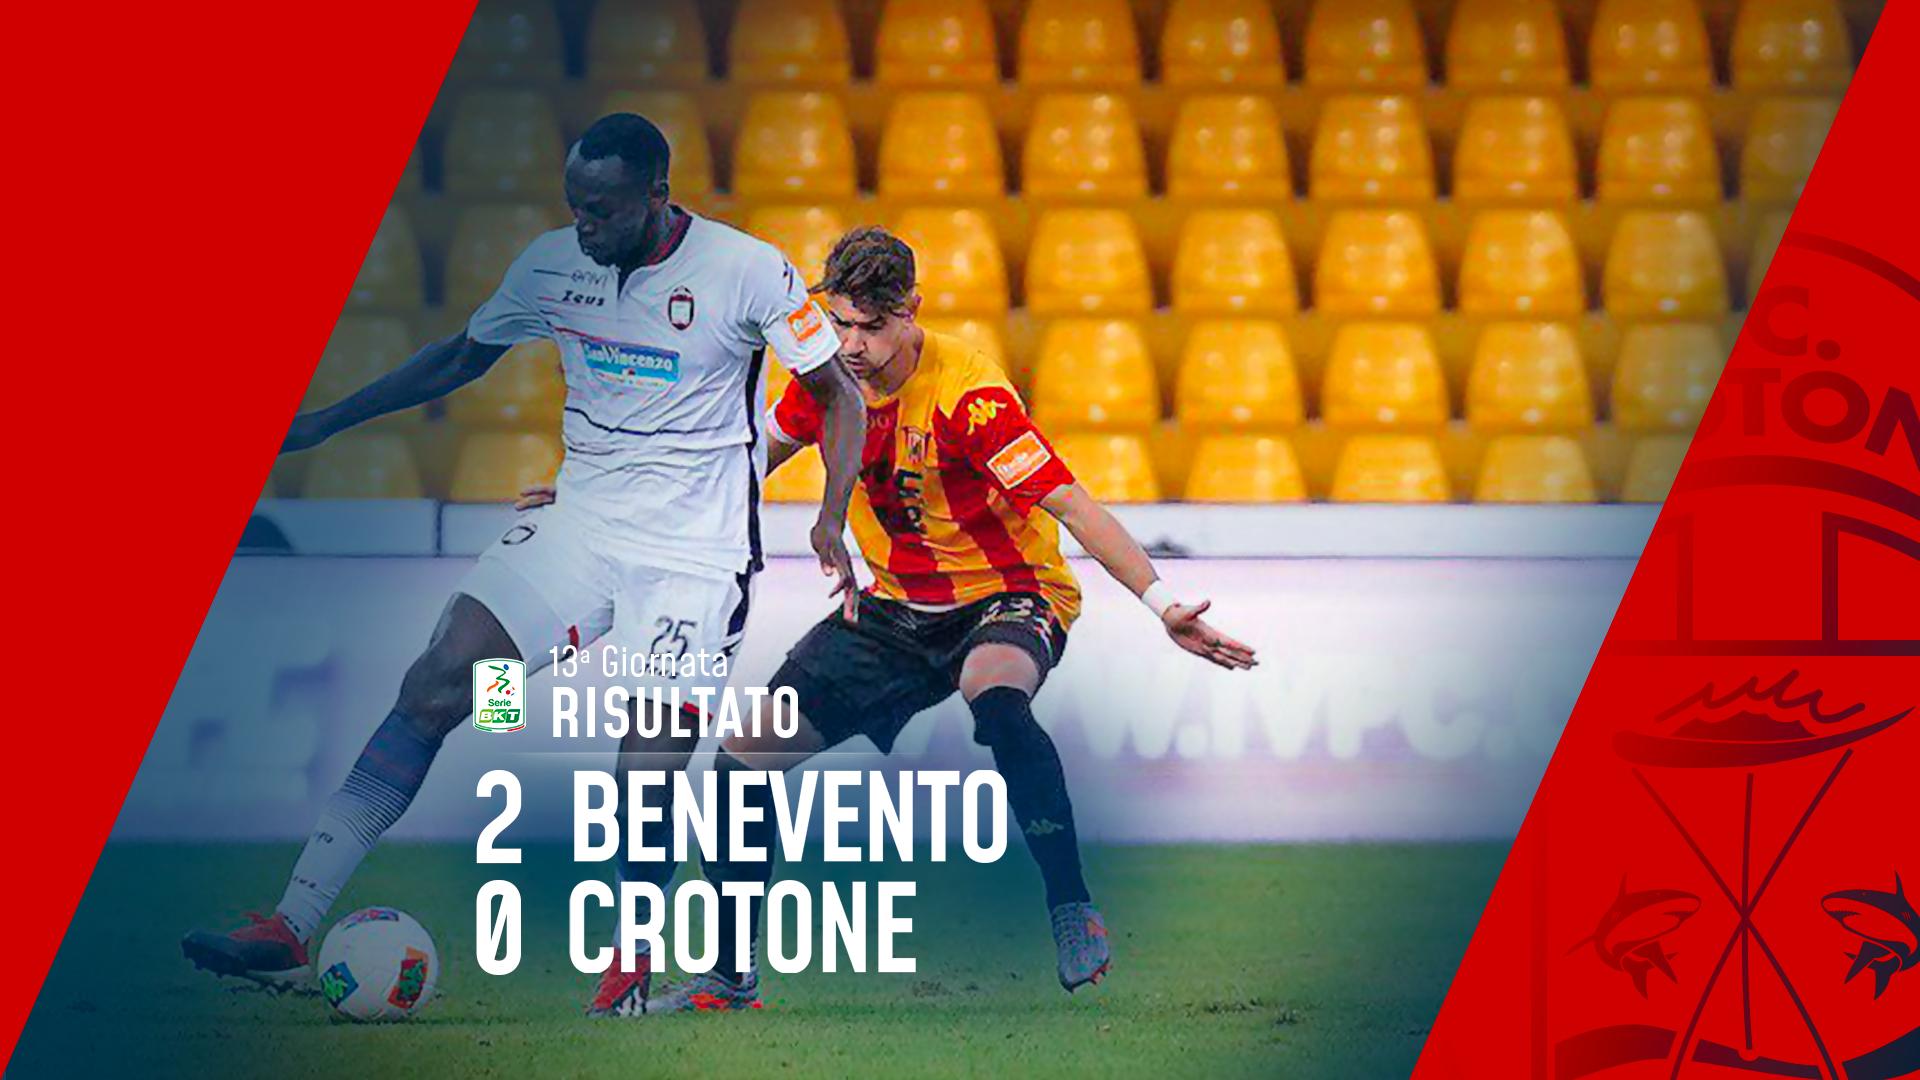 Serie BKT, 13ª giornata: Benevento-Crotone 2-0